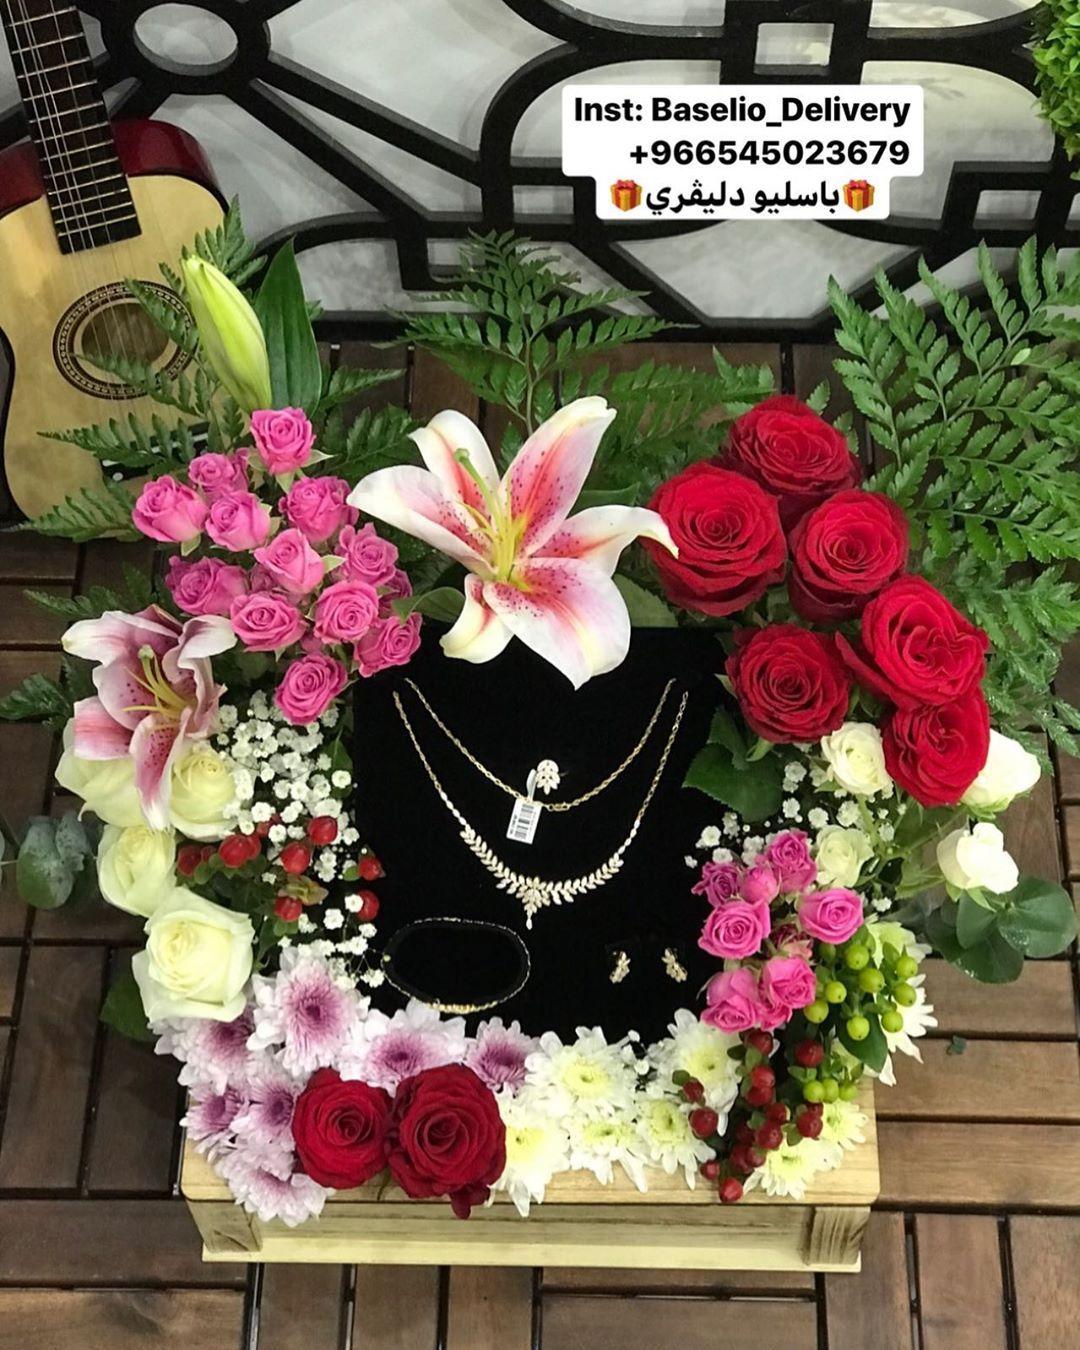 تبسم لا يسكن الحزن وجهك تنسيق طلبية عميلة طقم ذهب استاند مع تنسيق ورد طبيعي Sr1490 8 Floral Wreath Diy Gifts